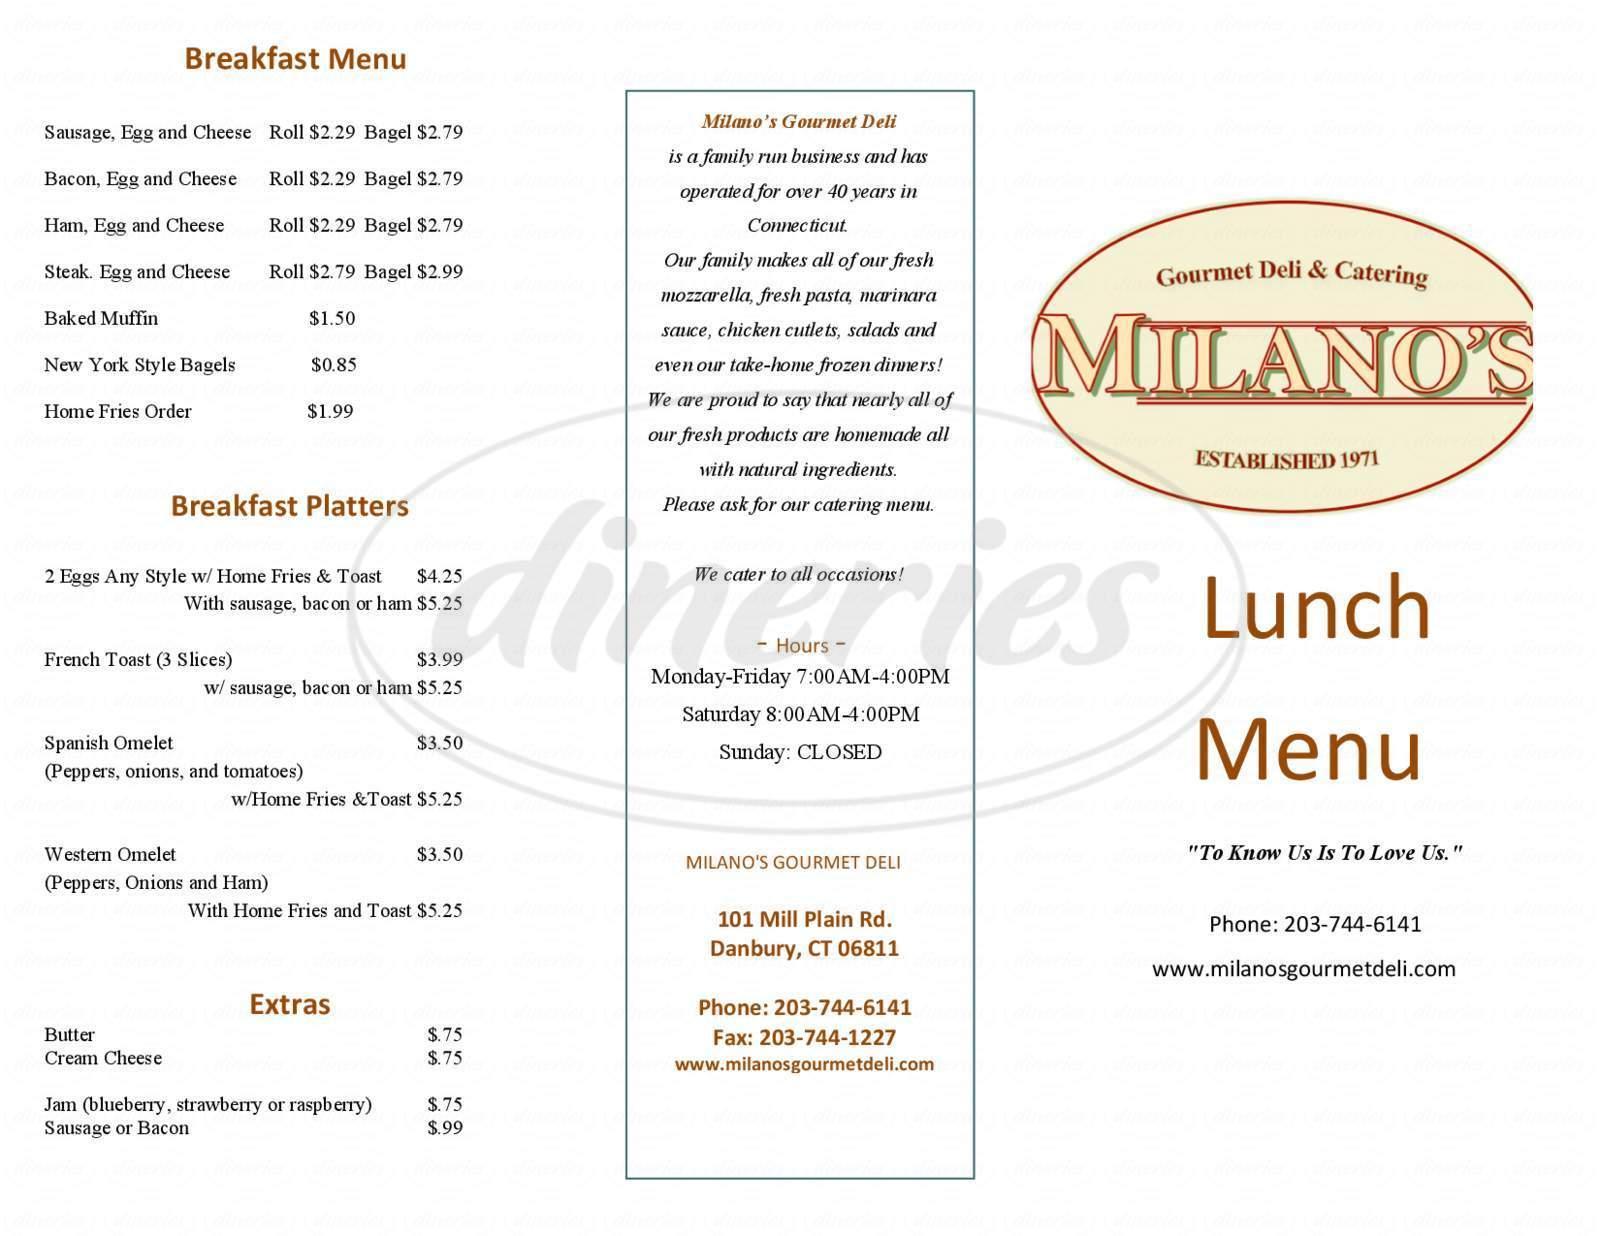 menu for Milano's Gourmet Deli & Catering